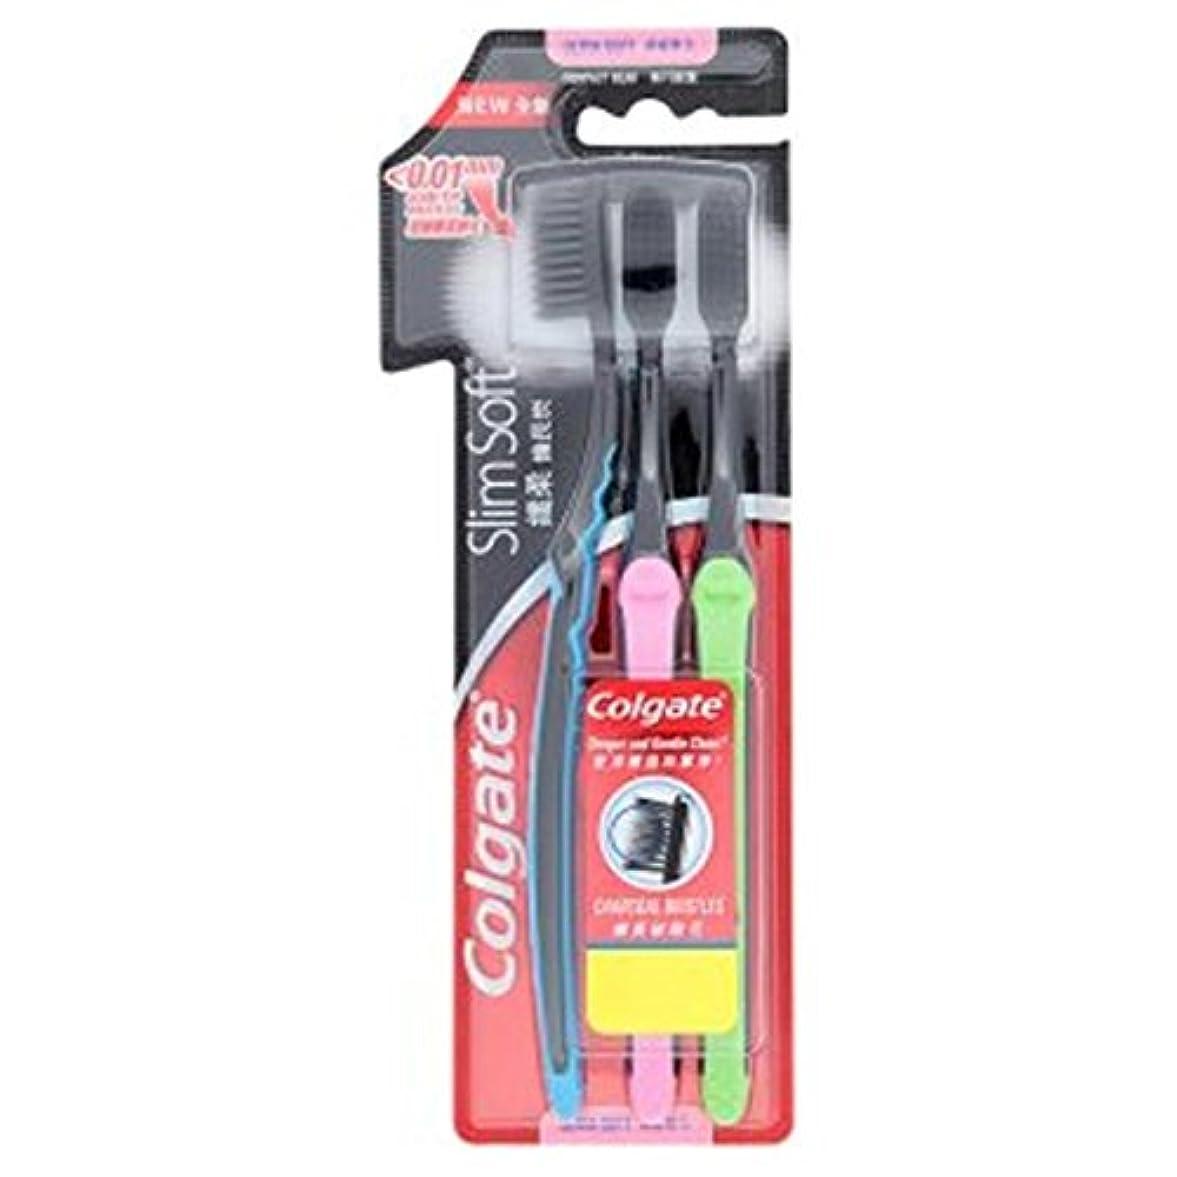 必要ない誠意繰り返しColgate Slimsoftコンパクトヘッドウルトラソフトチャコール剛毛歯ブラシ。